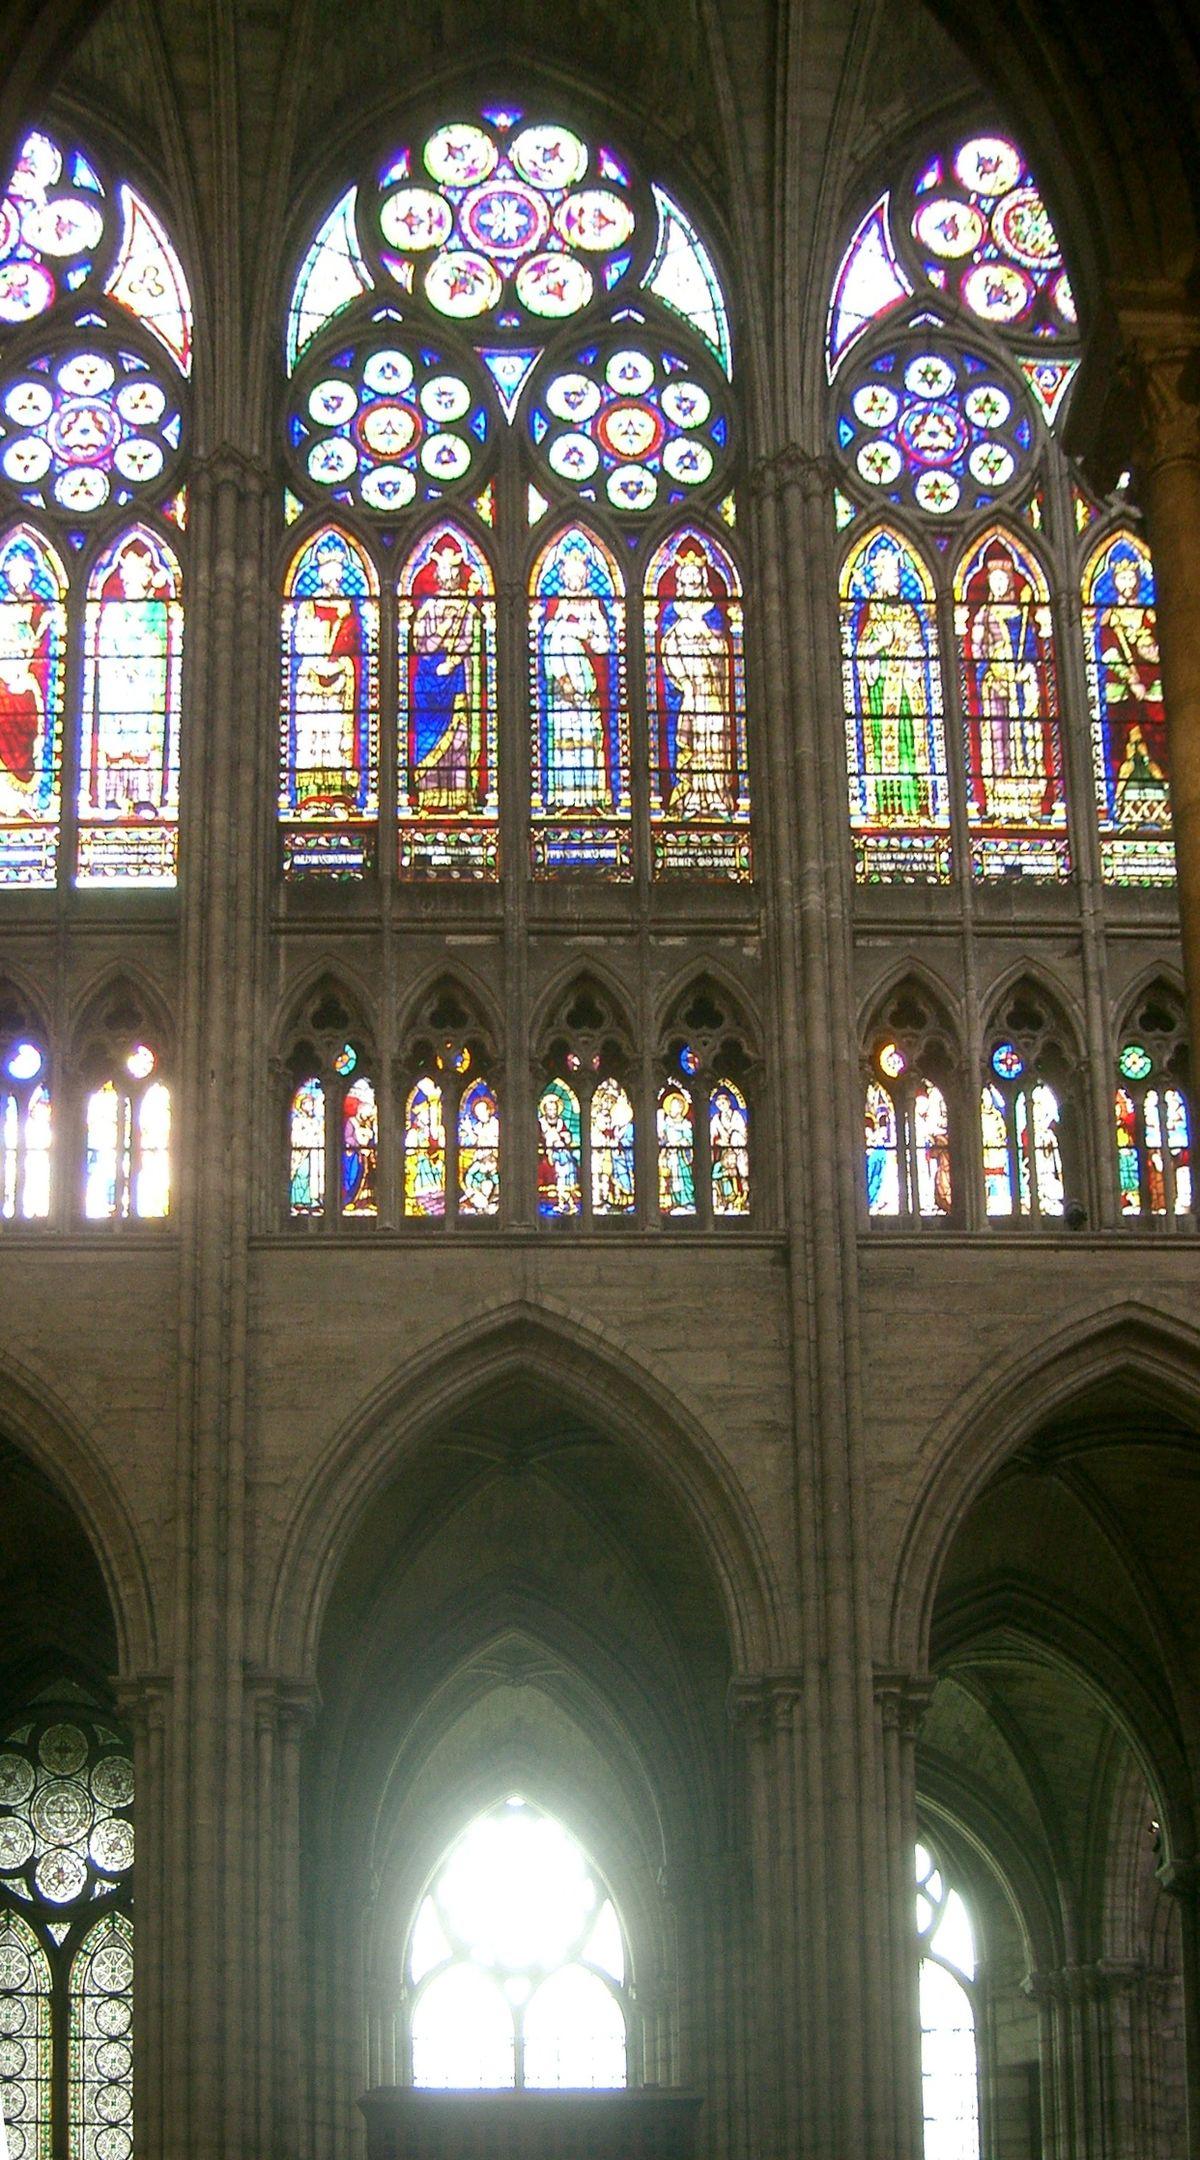 Cleristorio wikipedia - Finestre circolari delle chiese gotiche ...